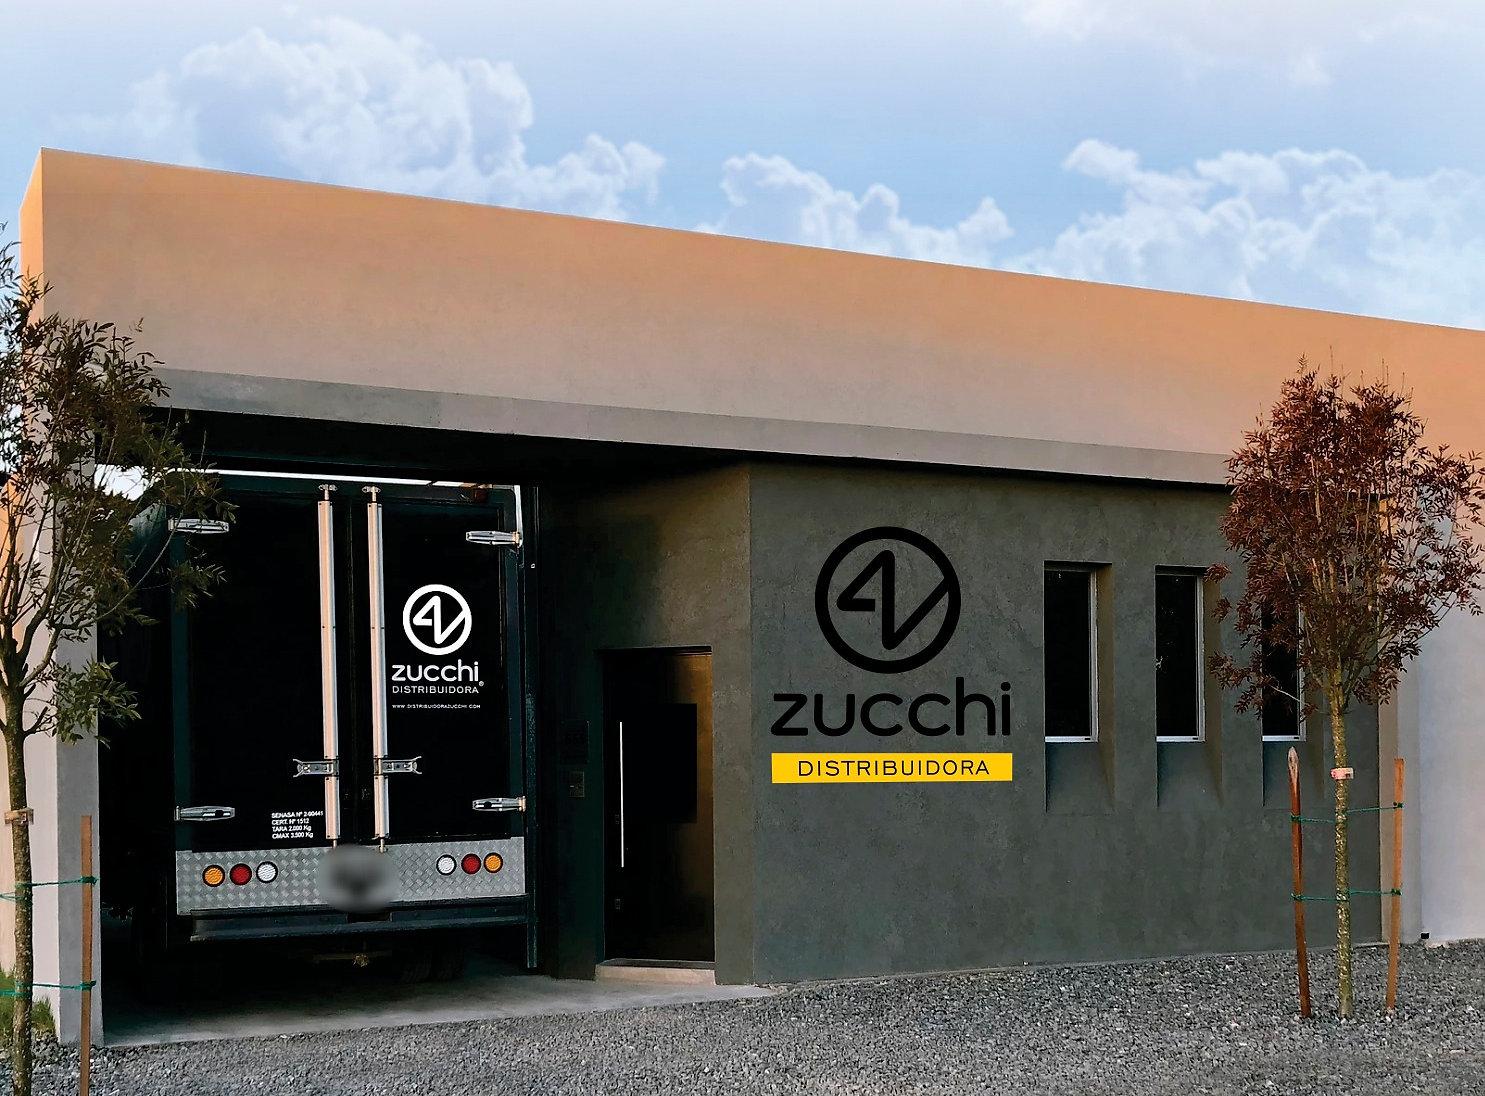 zucchi frente1RBG_edited.jpg